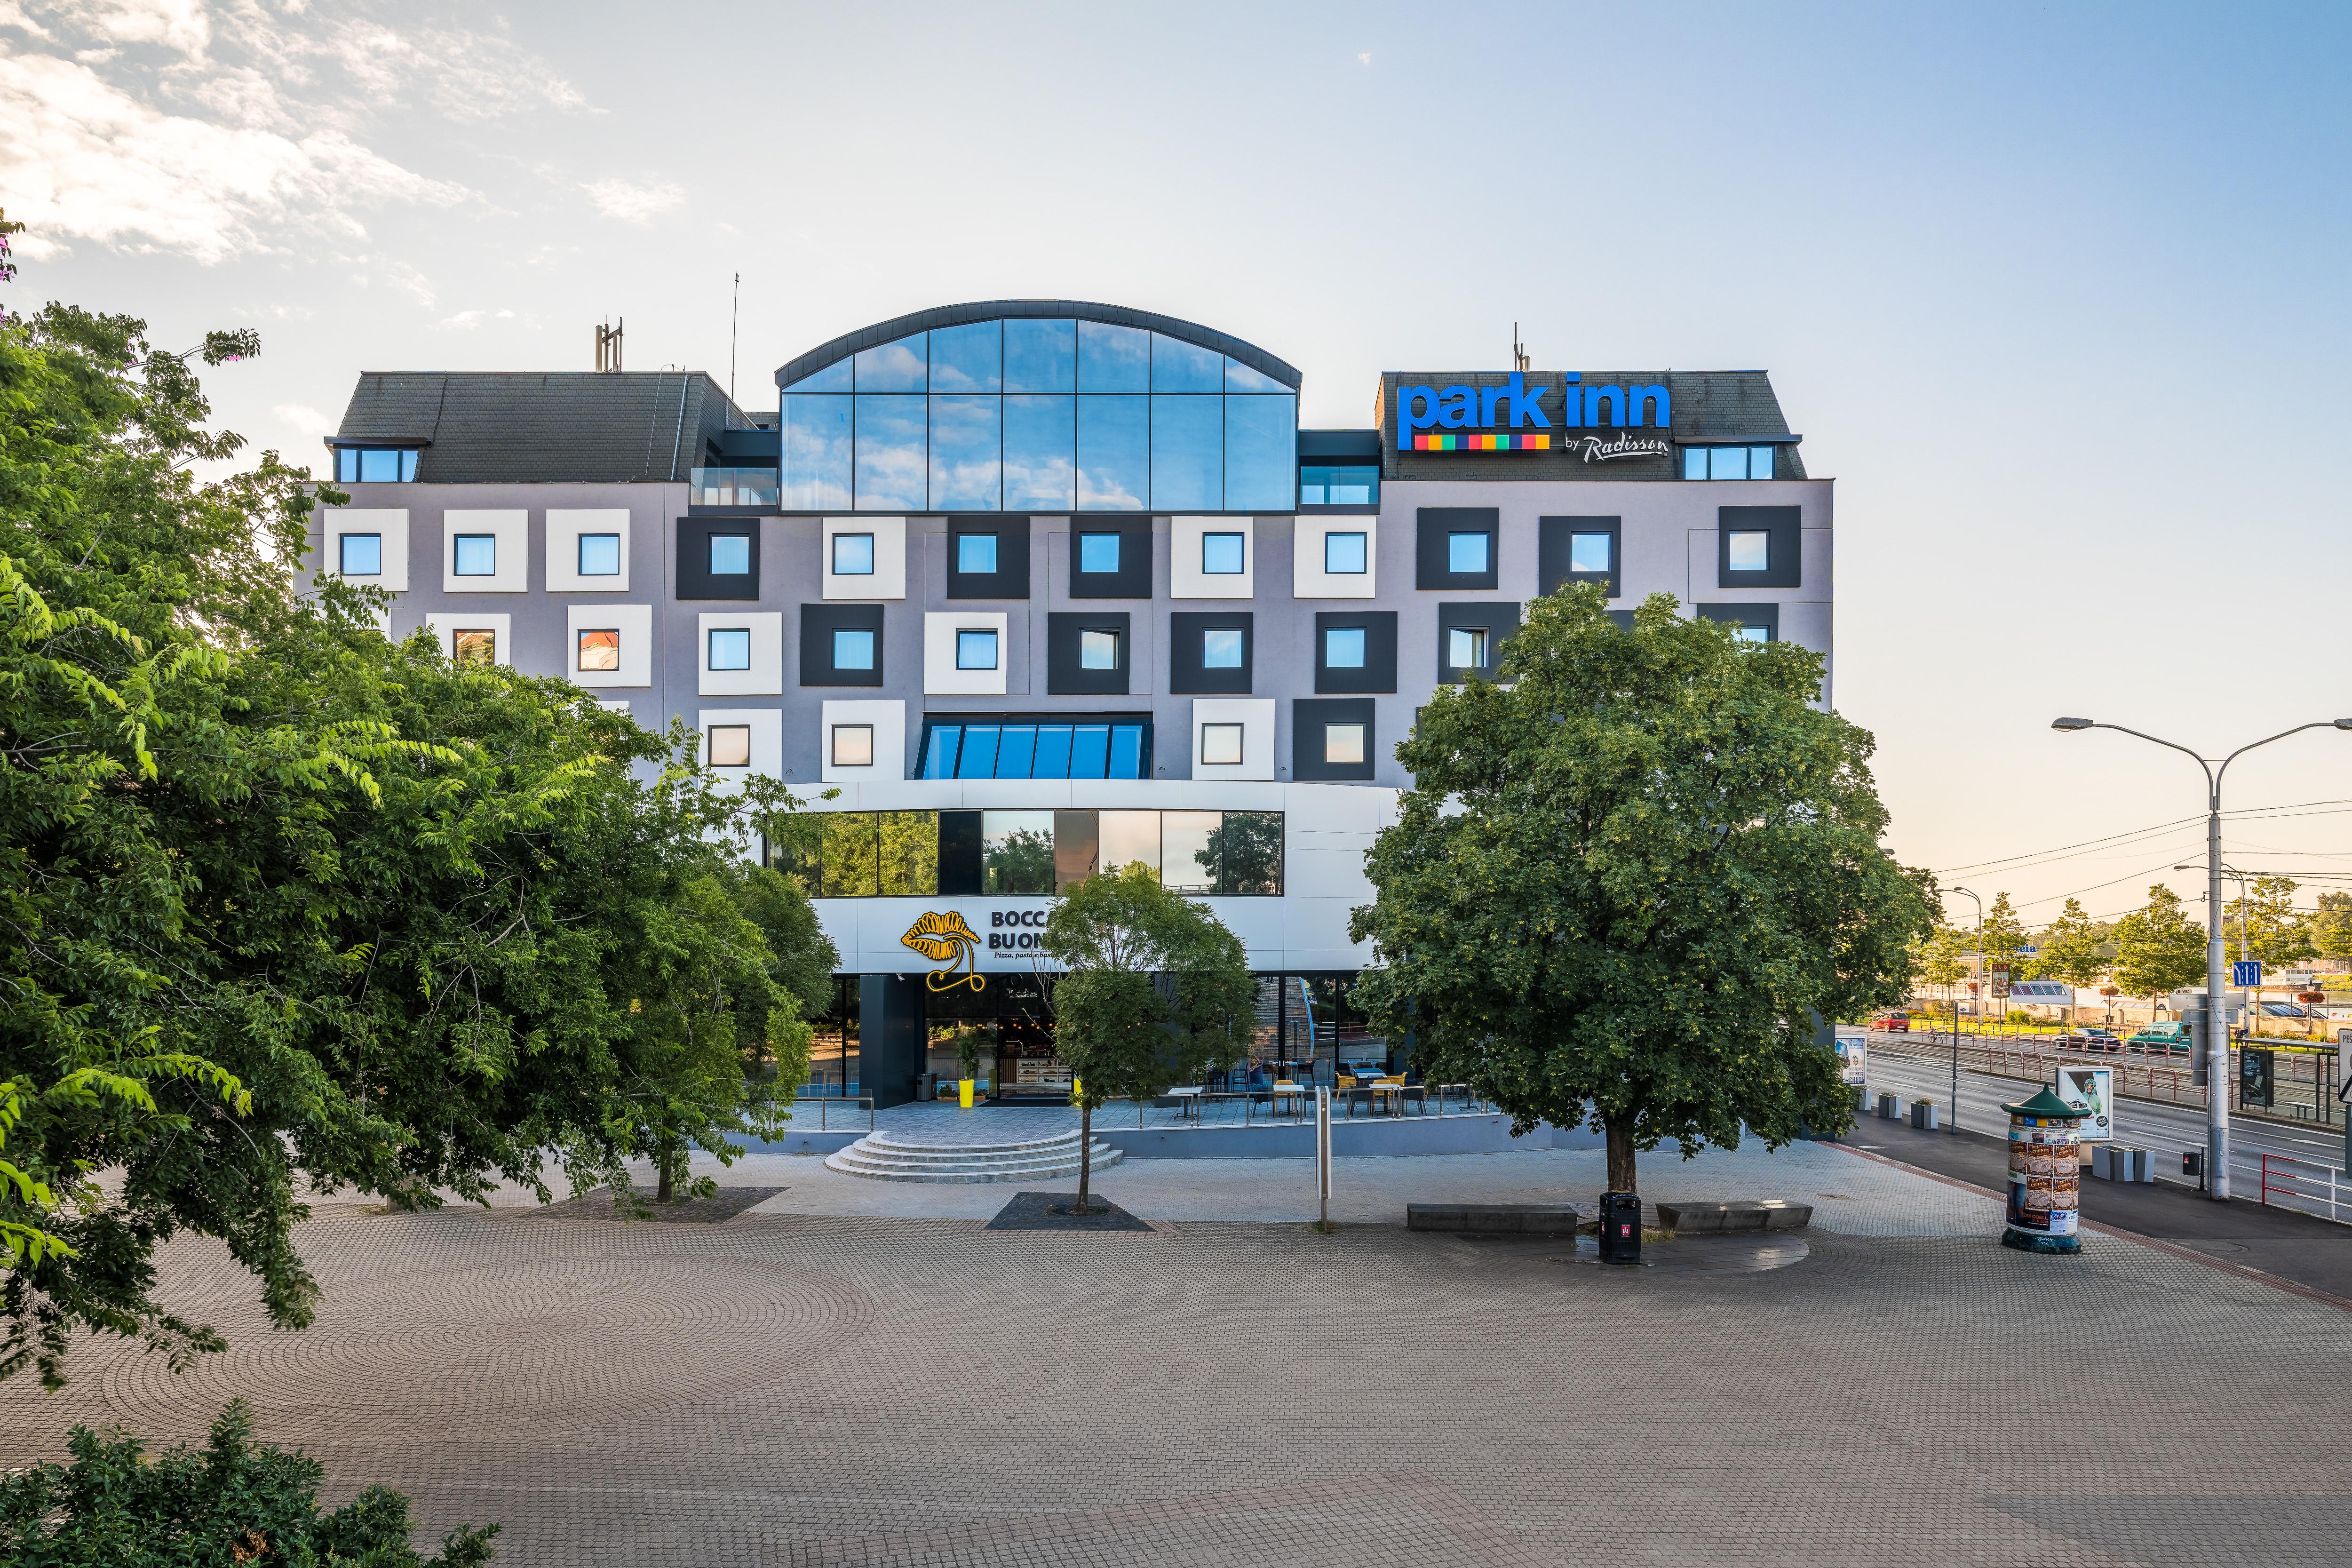 Park Inn Danube, Bratislava, Bratislava I